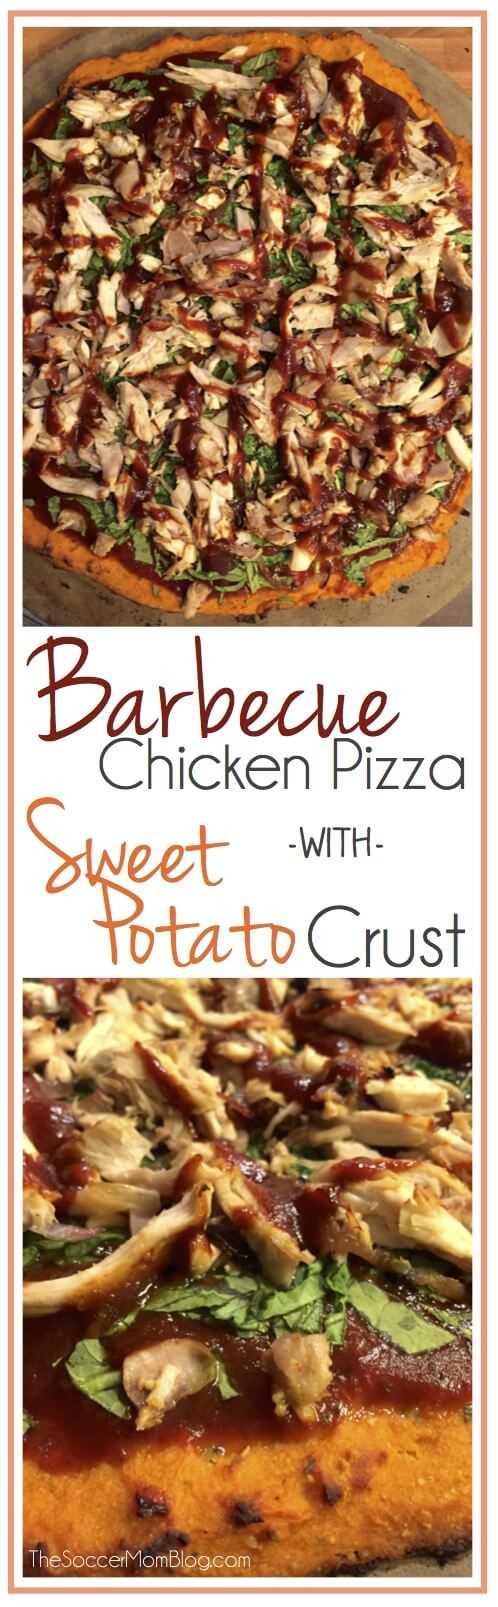 Saludable pizza de pollo a la barbacoa con corteza de batata - sin gluten, sin lácteos, ¡y tiene un sabor INCREÍBLE!